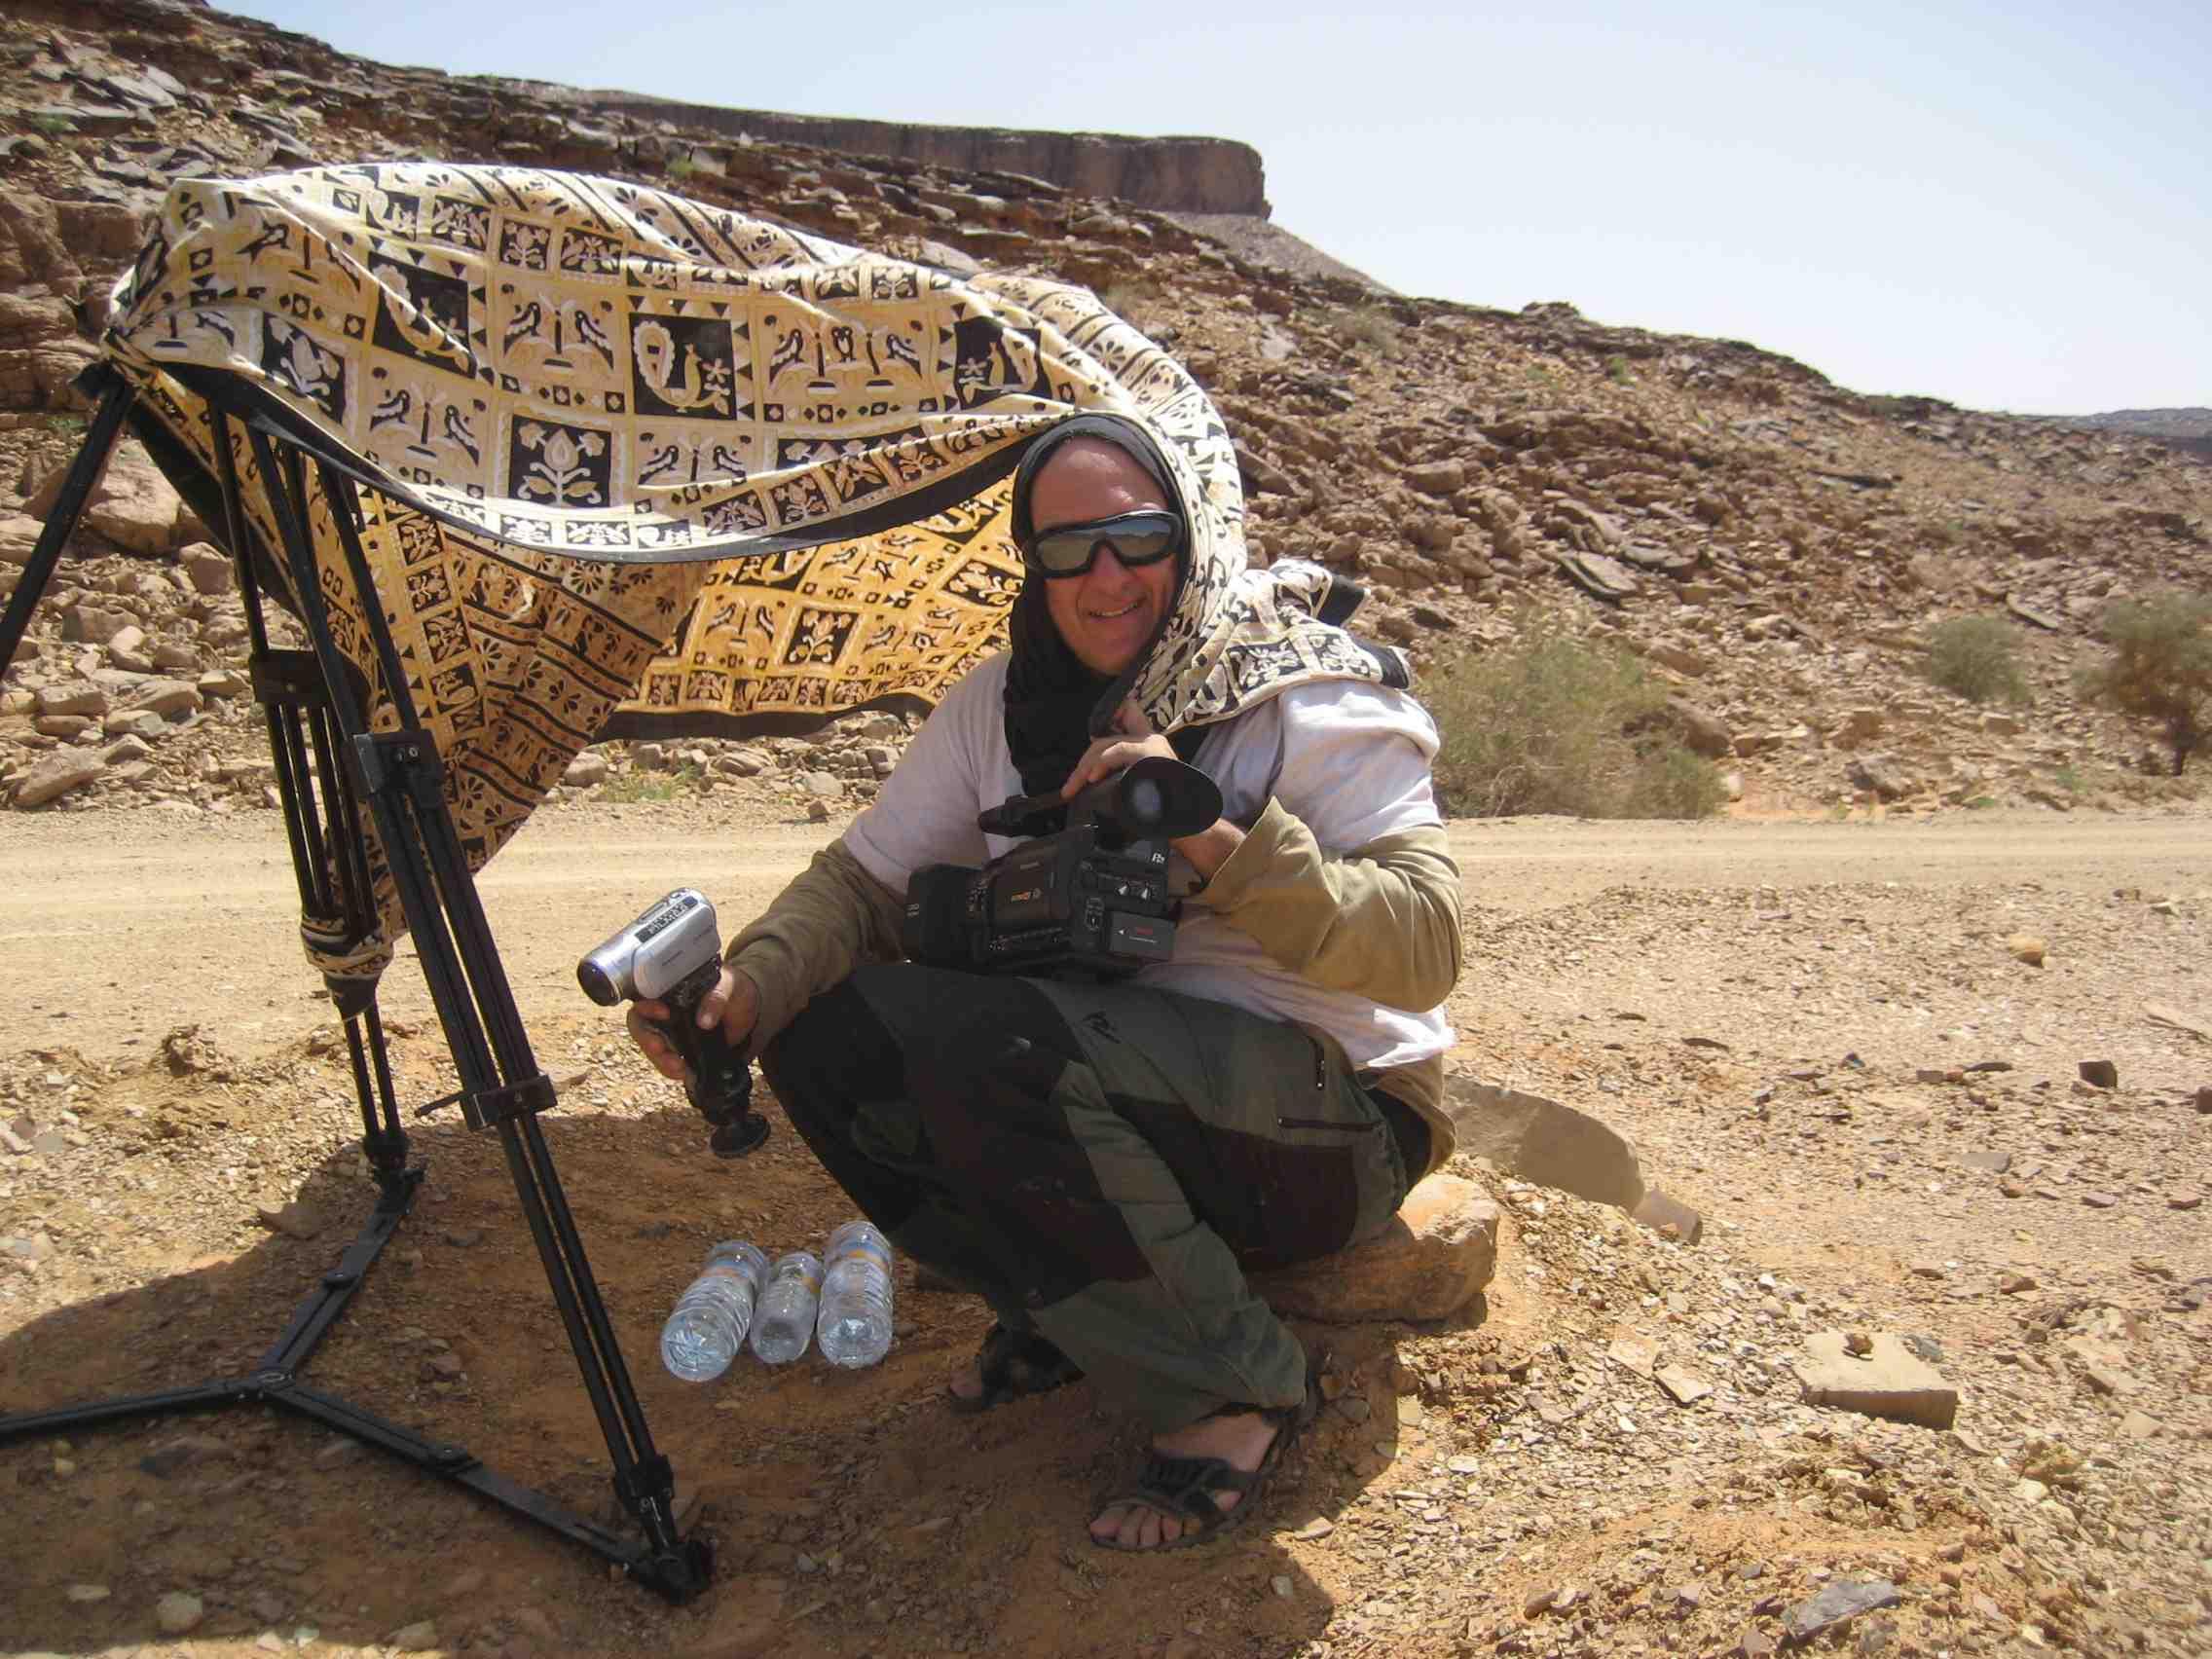 Esperando. Saara na Mauritânia, Vale do El Amogjar foto João Pereira